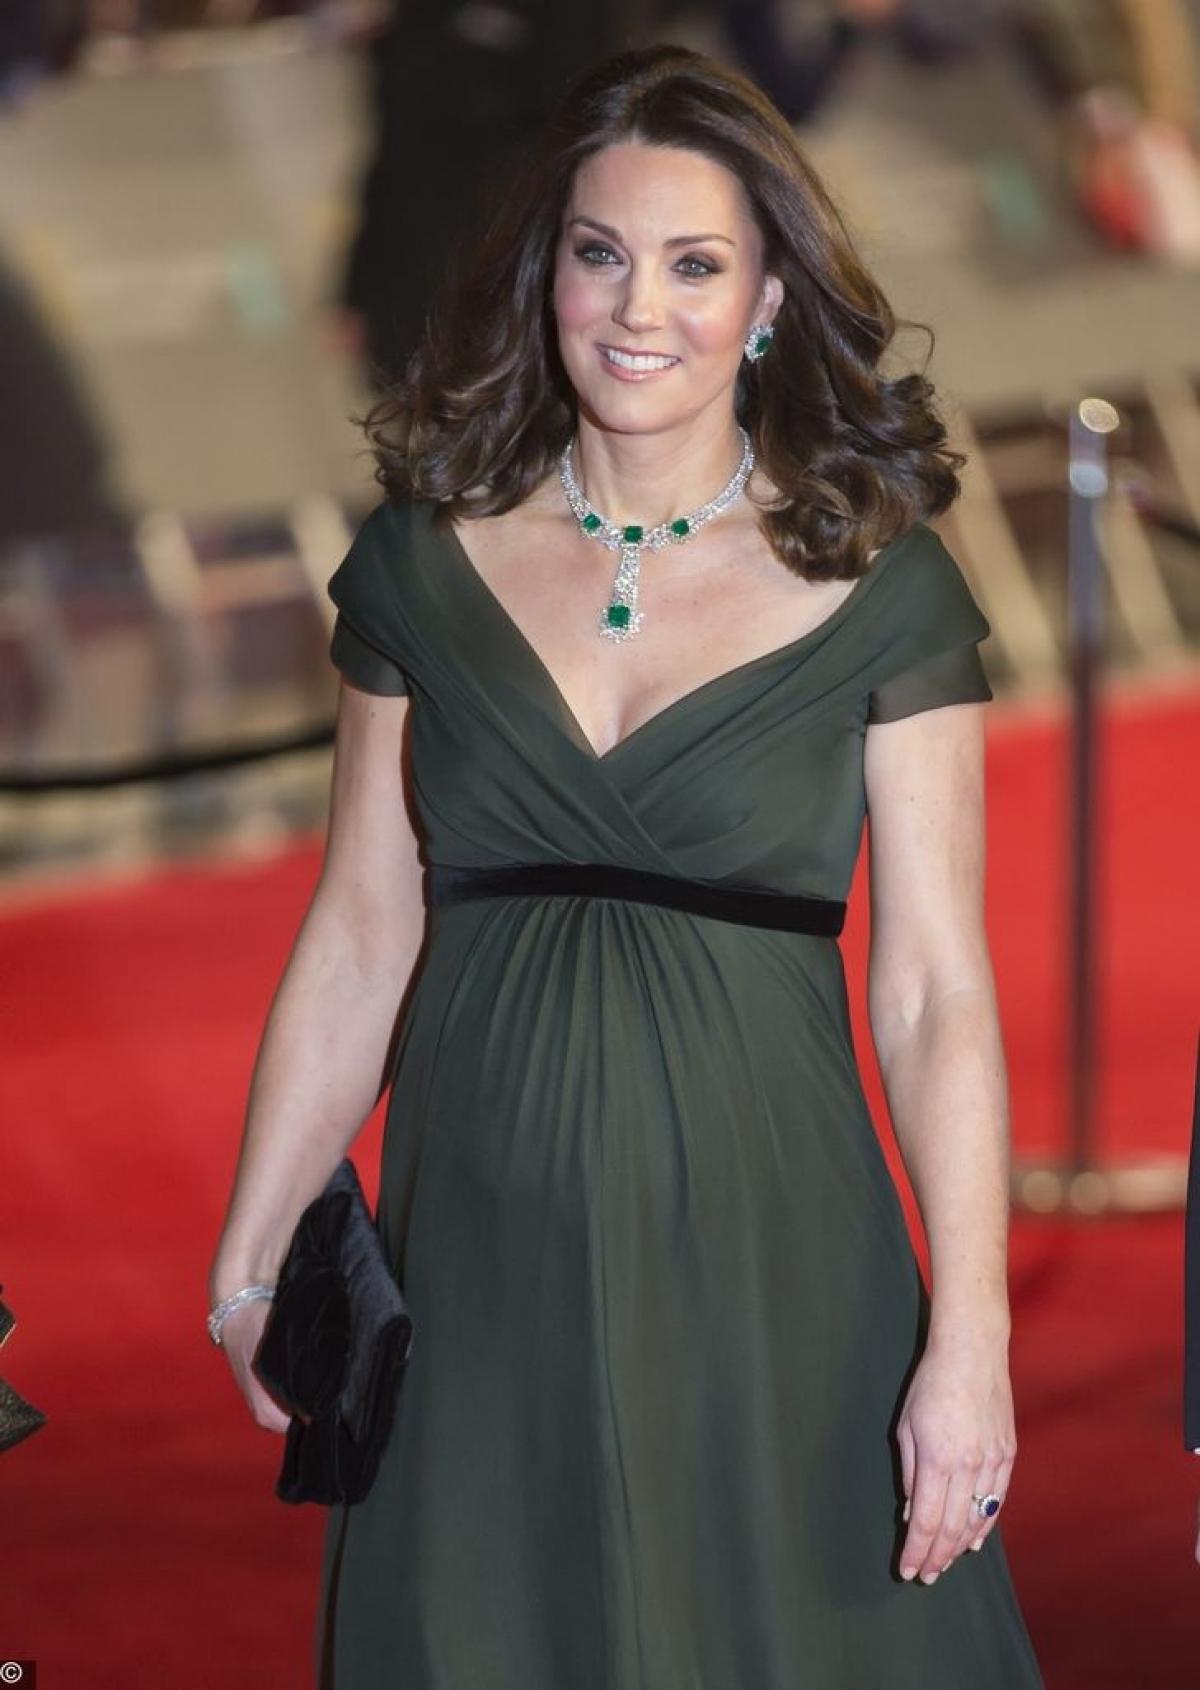 Lễ trao giải BAFTA-2018 yêu cầu người đến dự mặc trang phục màu đen, nhưng Công nương Kate Middleton đã bỏ qua quy định này.Tuy nhiên,chiếc váycủa nhà thiết kế Jenny Packhamvẫn mang màu trầm.